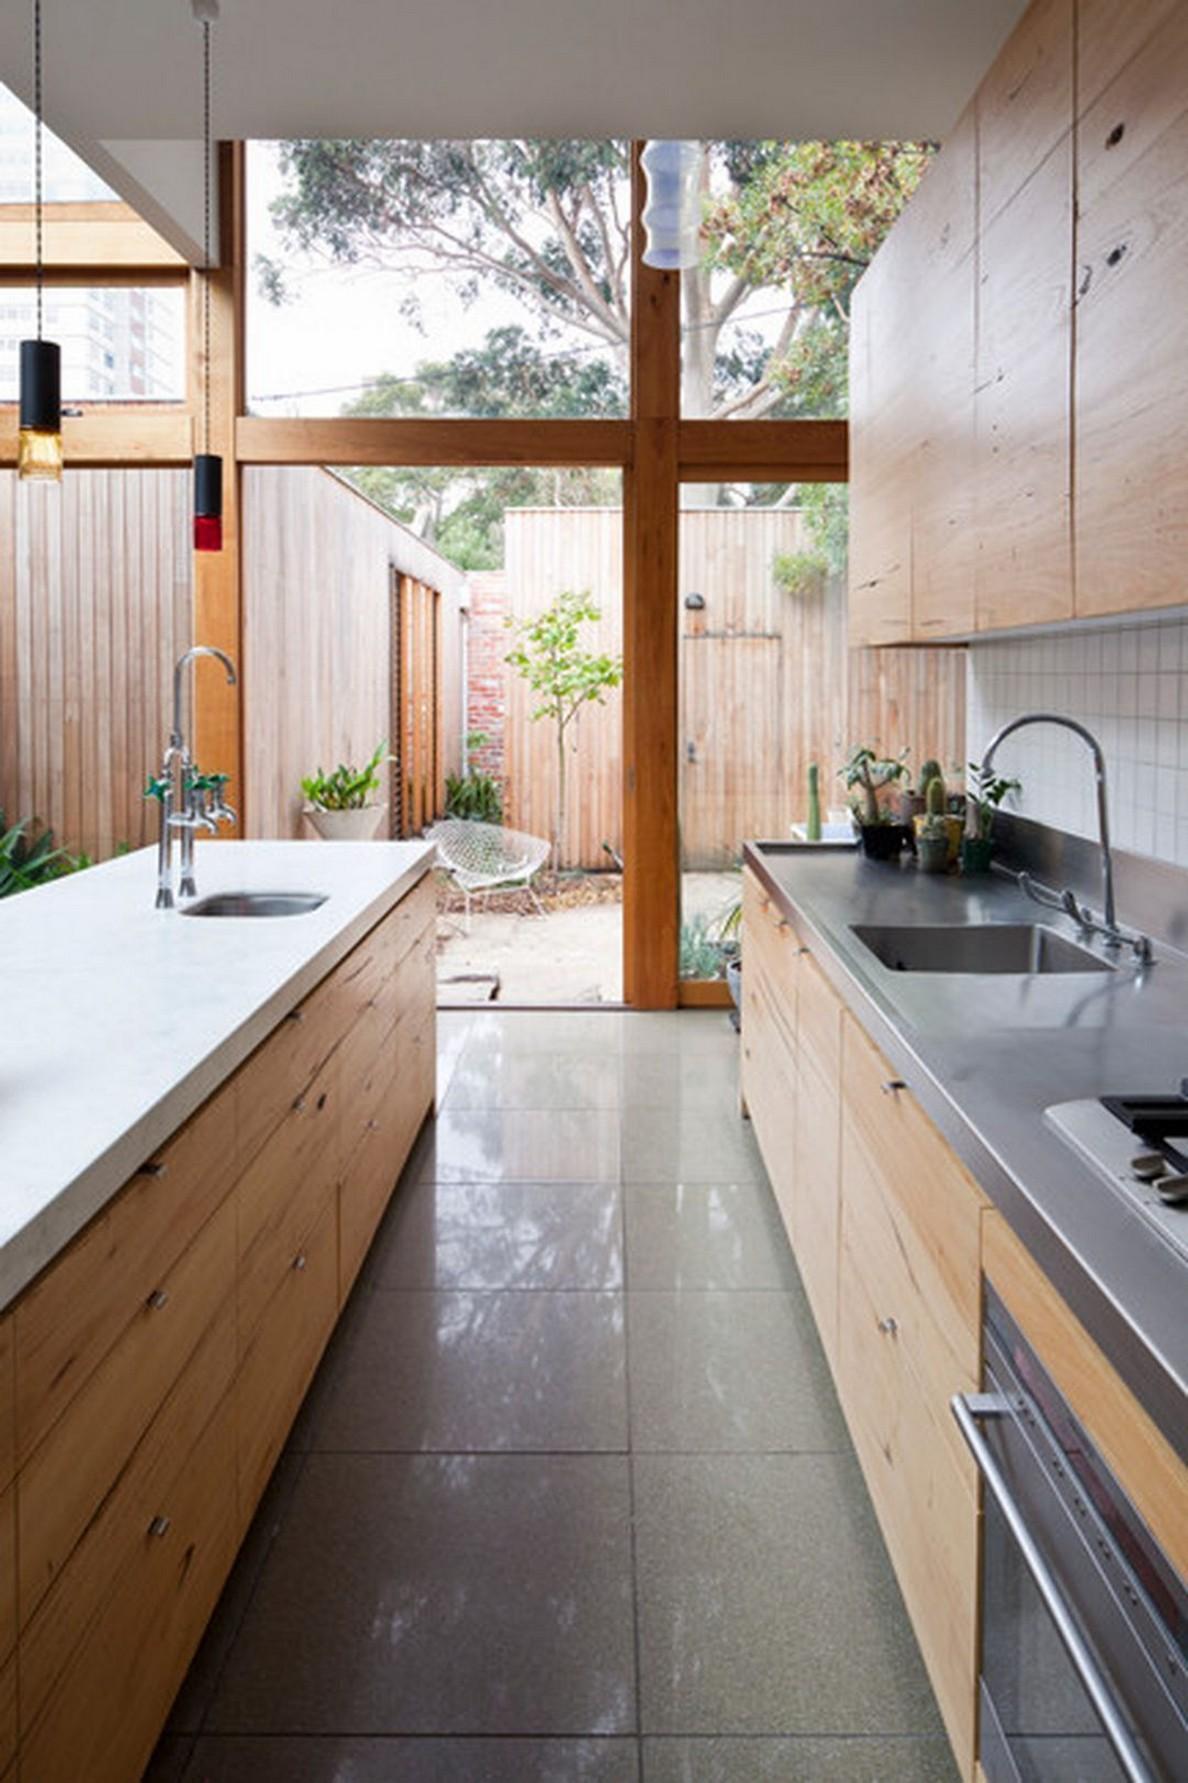 86 Modern Kitchen Ideas For Modern Kitchens Home Decor 49